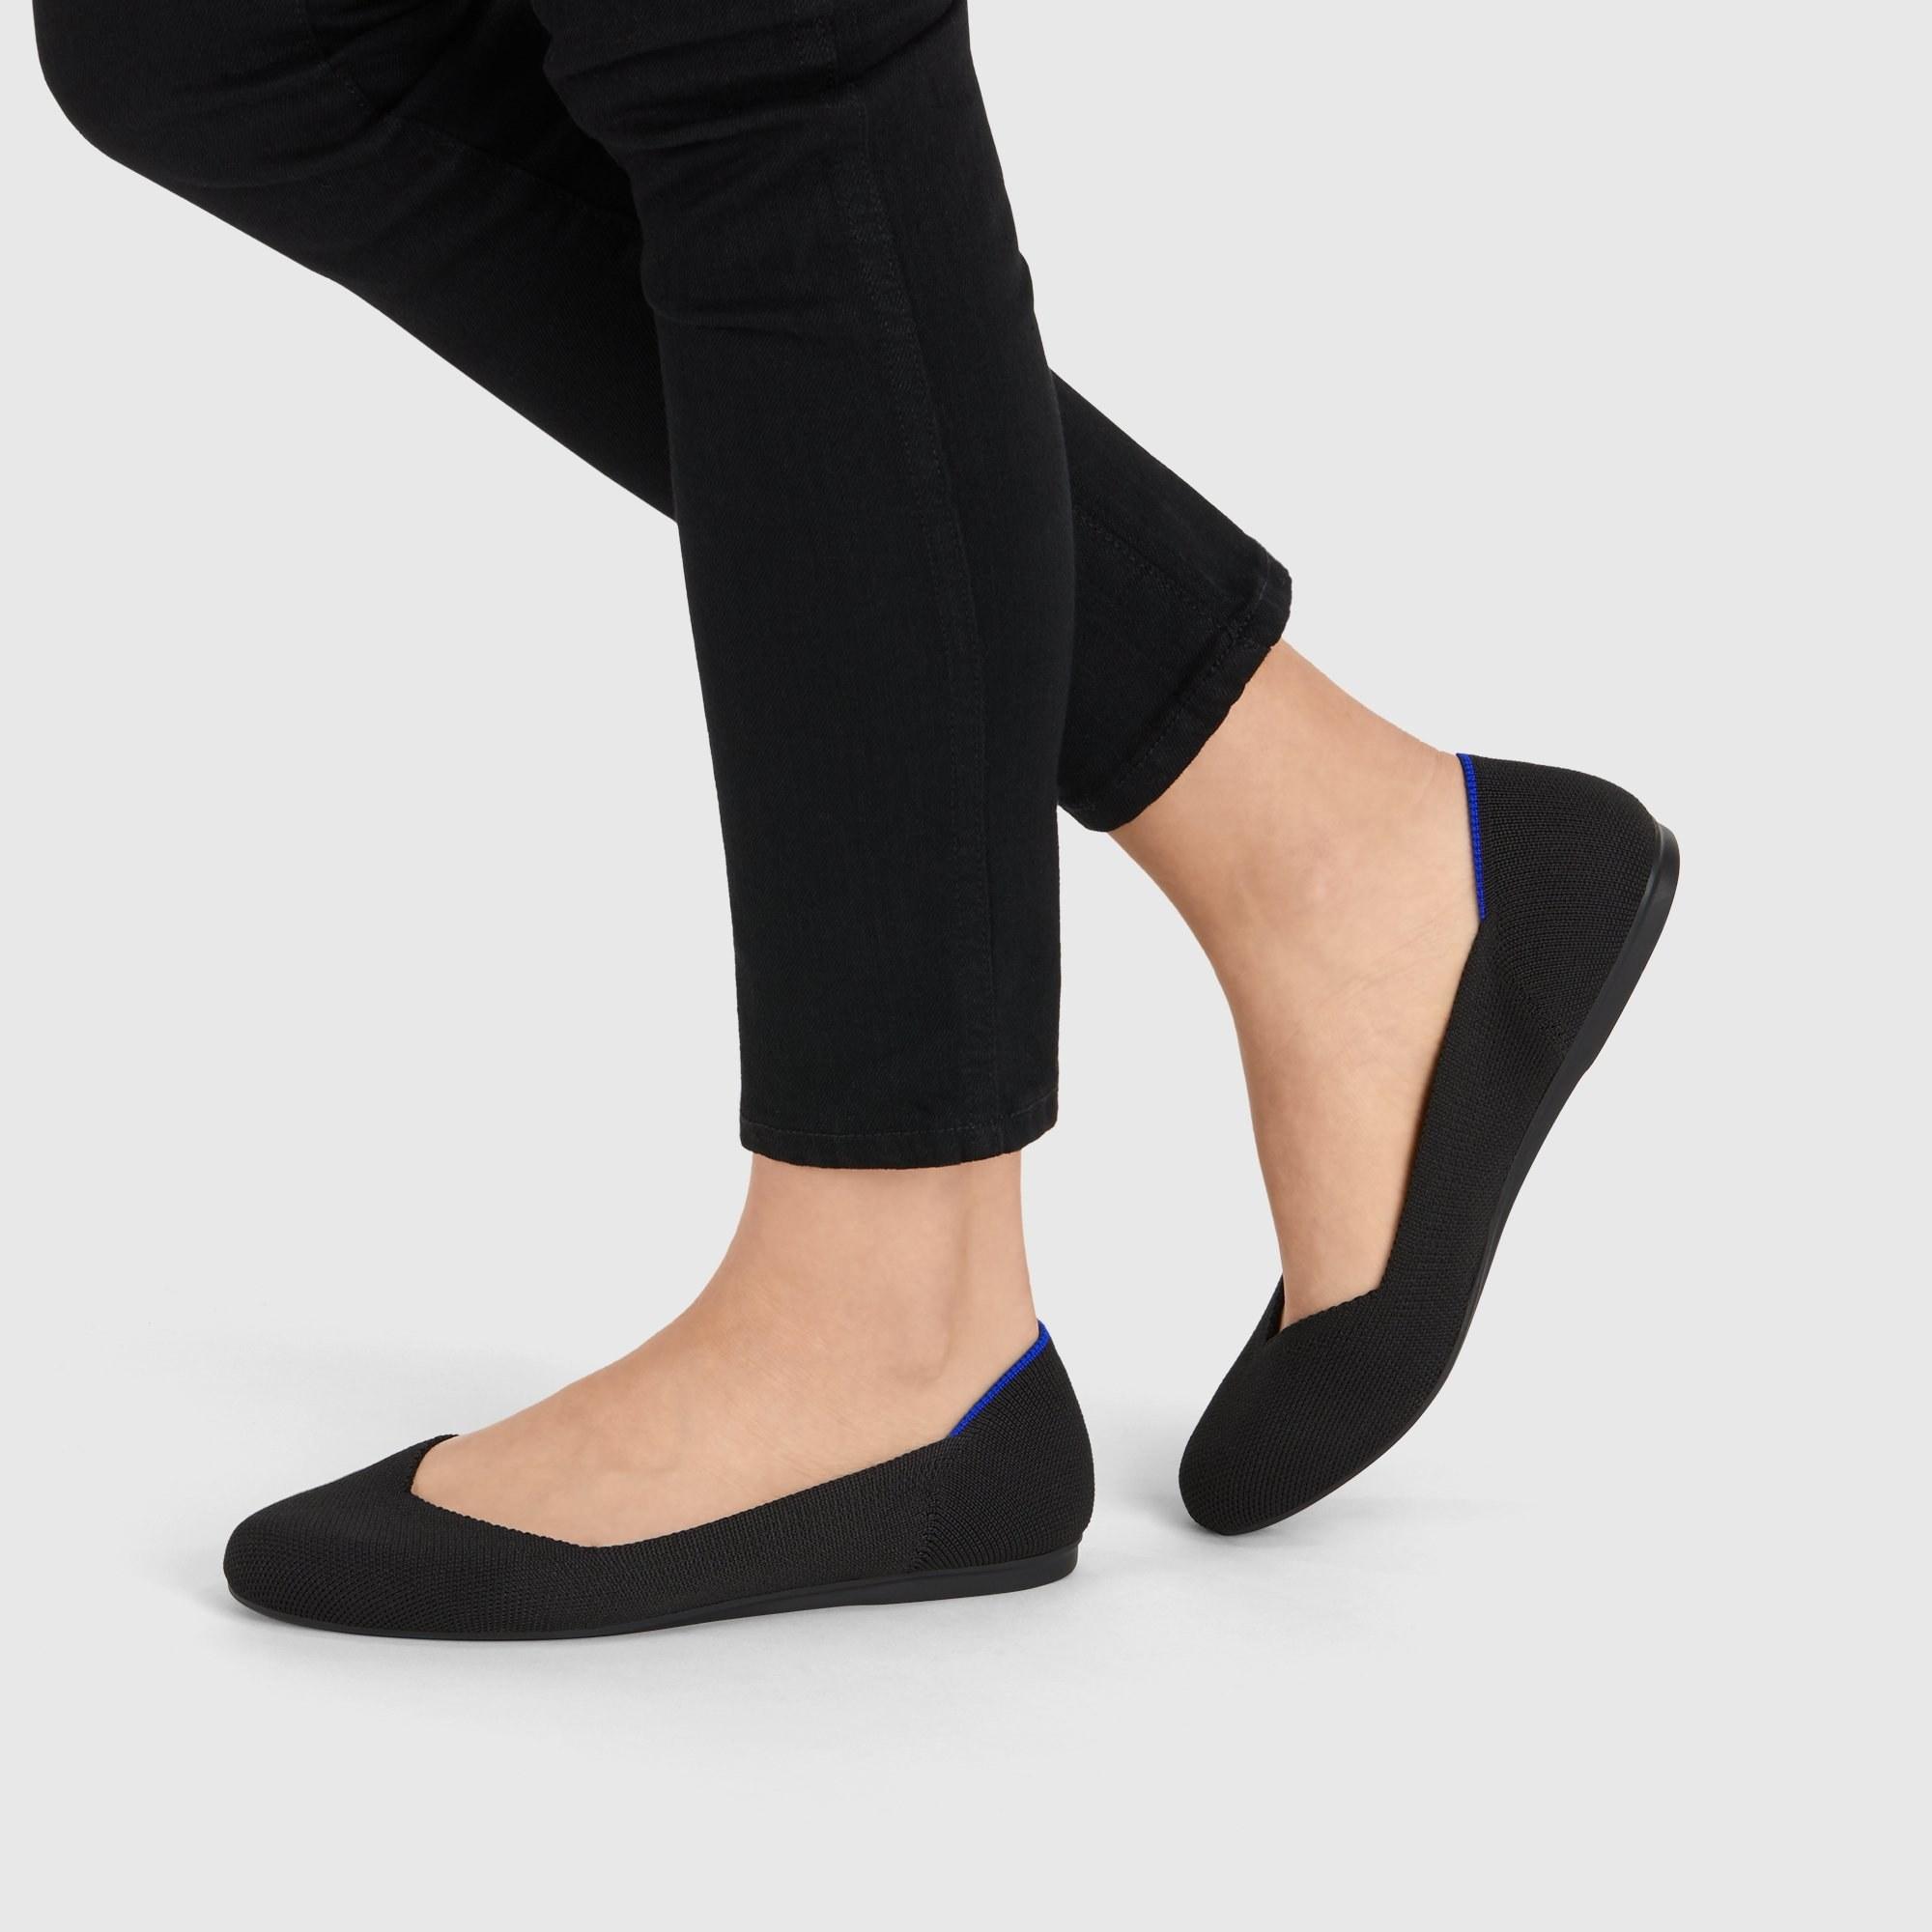 Model wearing the knit flat in black